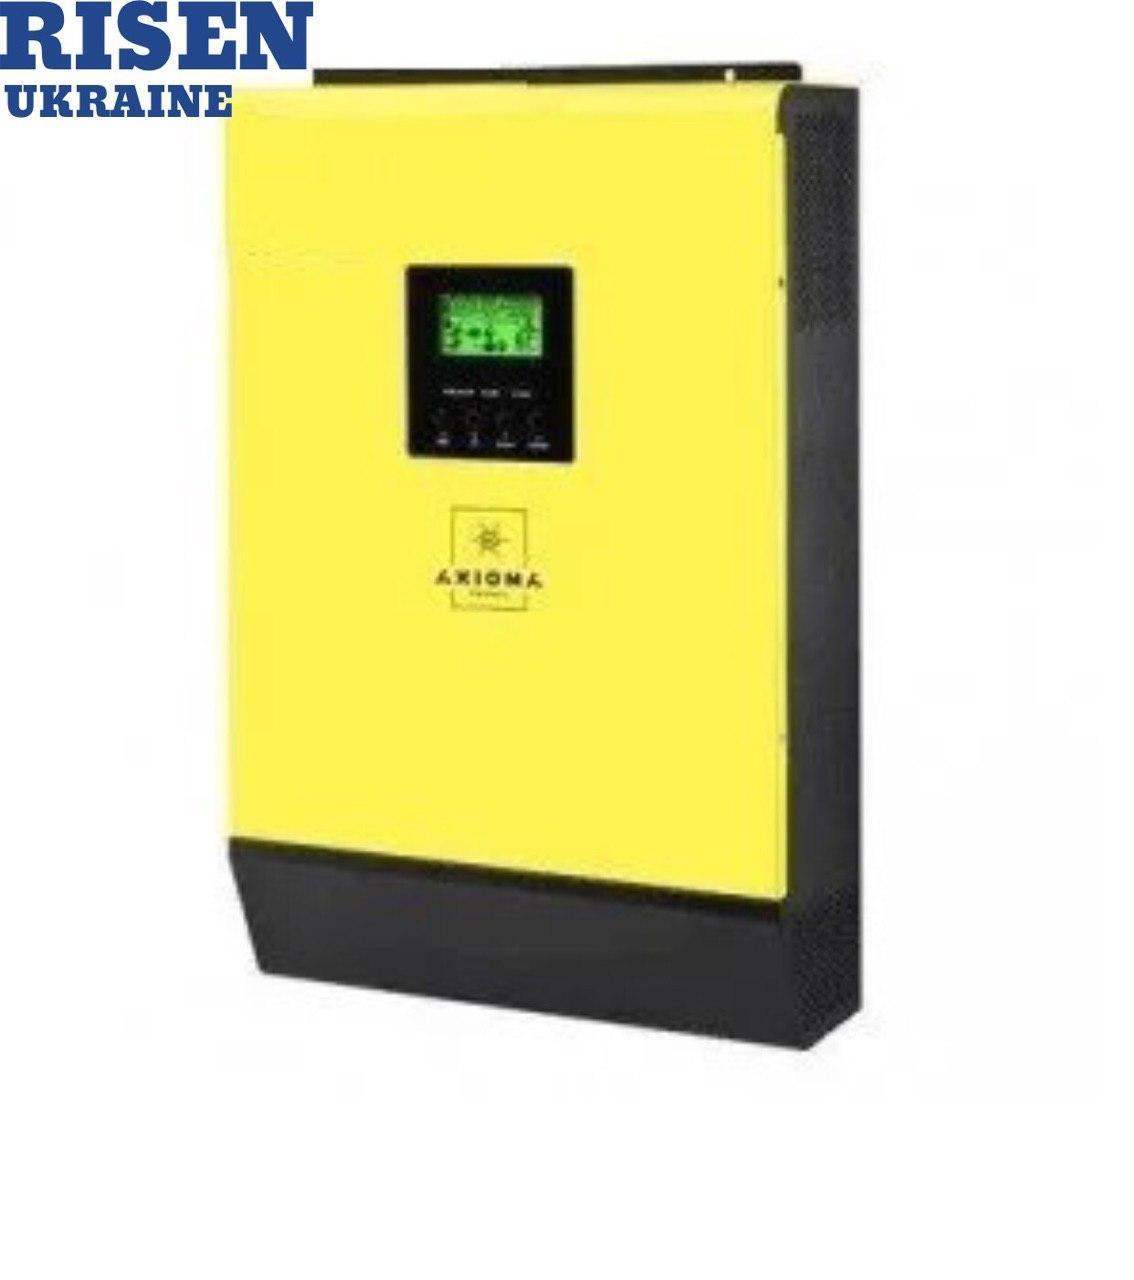 Інвертор сонячний гібридний AXIOMA energy ISGRID 2000 2кВт 1 фаза 1МРРТ